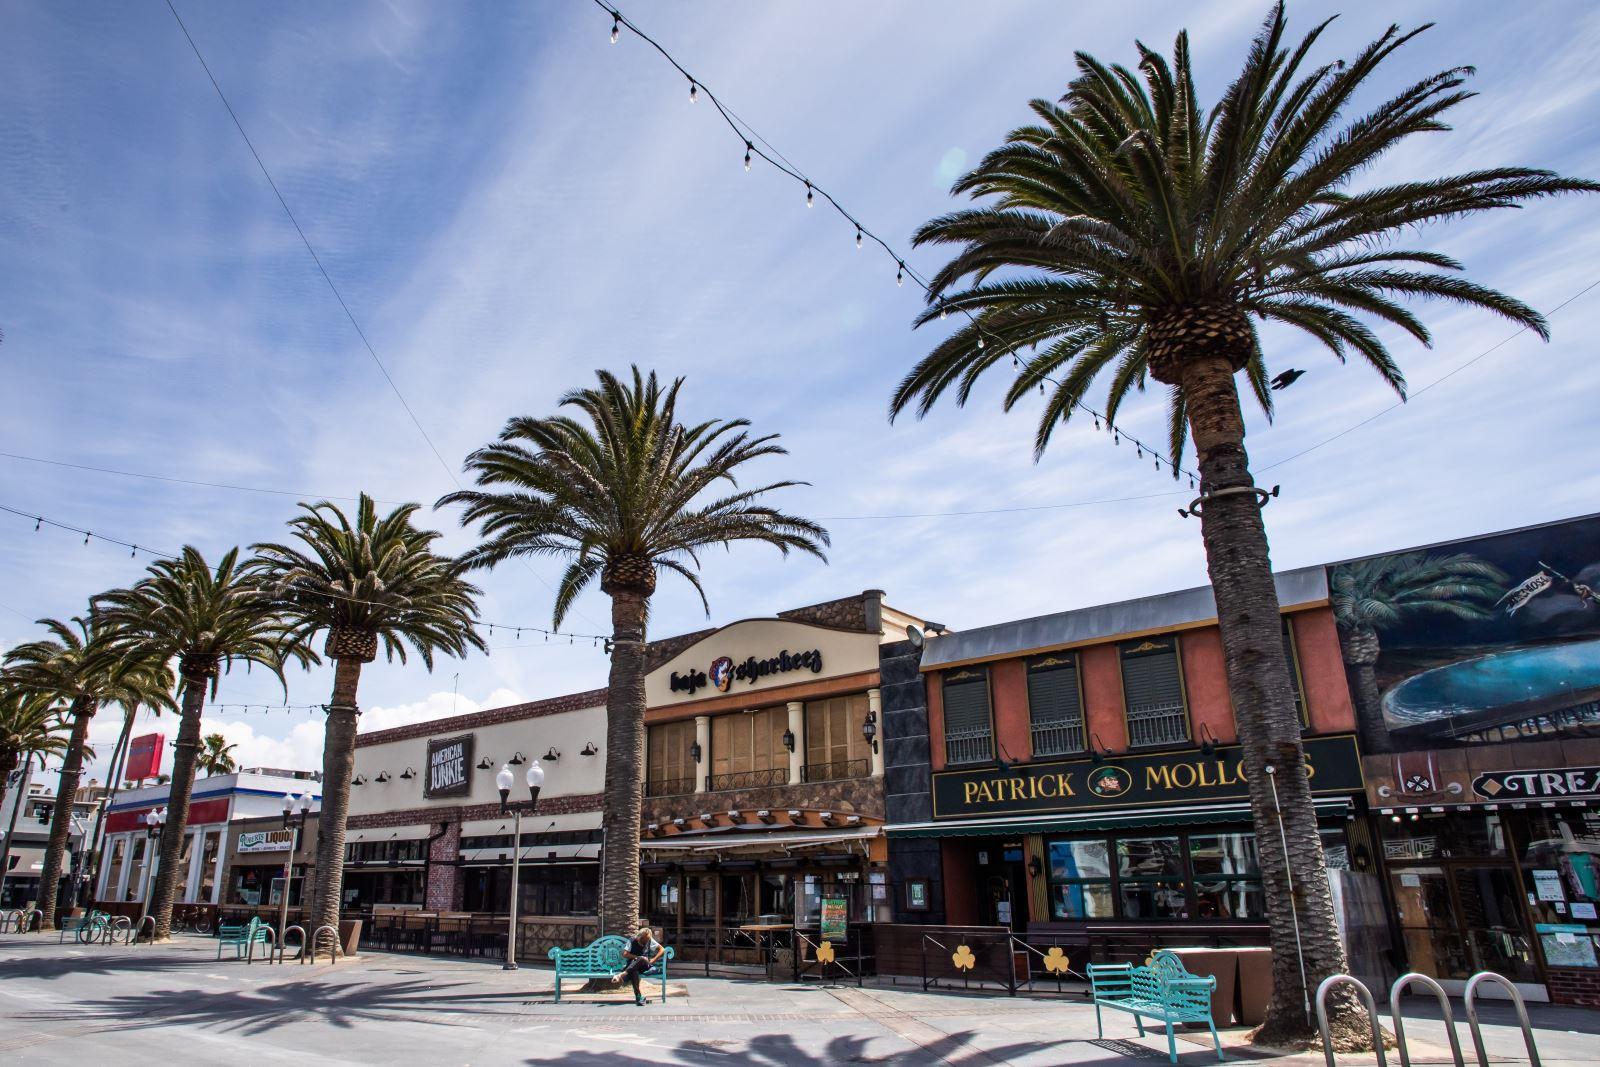 Các nhà hàng và quán bar đóng cửa do dịch COVID-19 tại Los Angeles, bang California, Mỹ ngày 21-3-2020. Ảnh: AFP/TTXVN